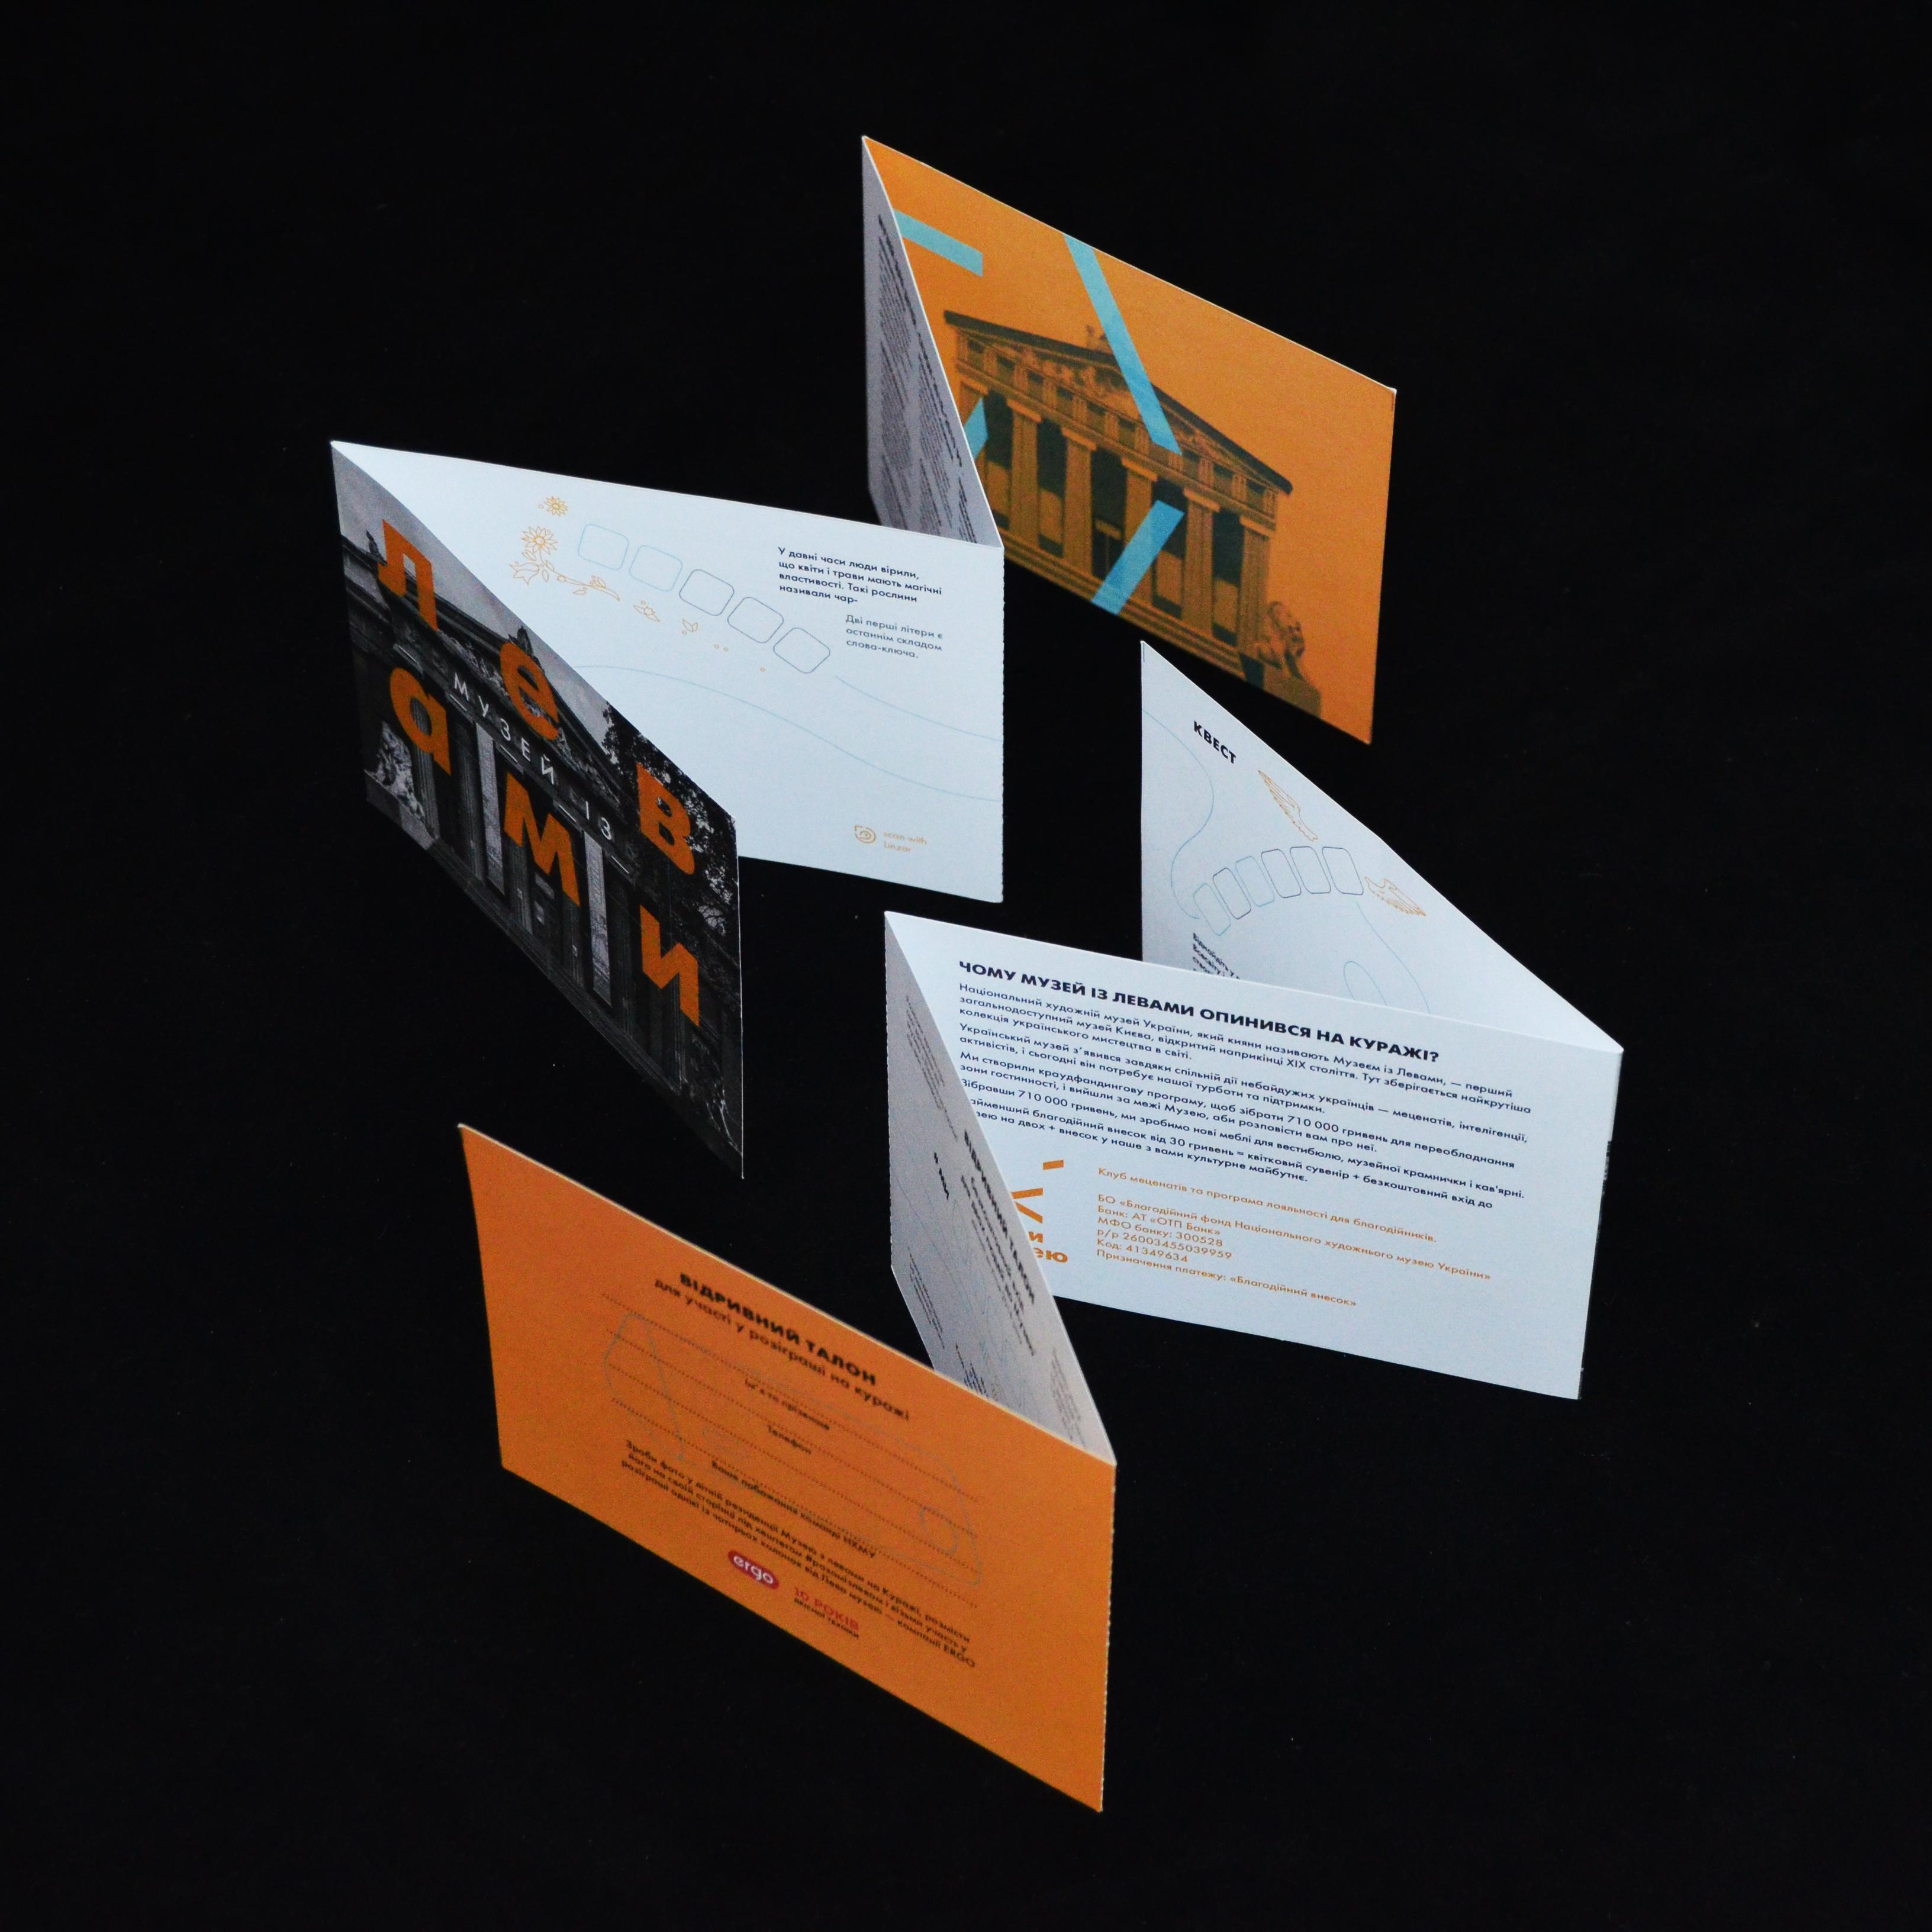 """Продовжуючи співпрацю нашої студії із НХМУ ми розробили буклет для другої презентації музею на """"Кураж Базар"""". Буклет легко складається у літеру """"М"""" та """"W"""", натякаючи на плідну співпрацю та дружбу"""